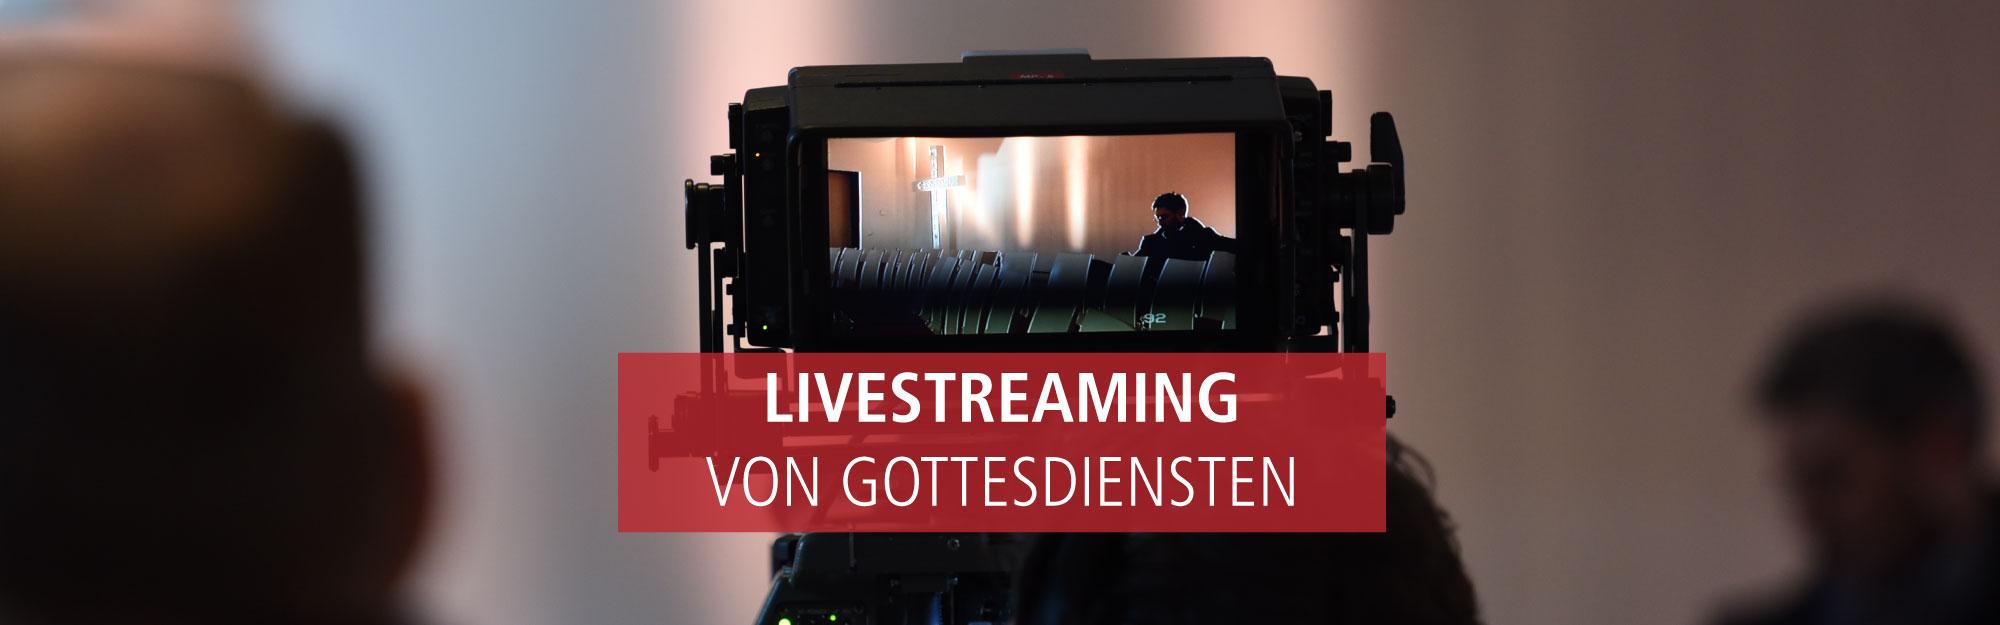 FeG Gottesdienste im Livestream